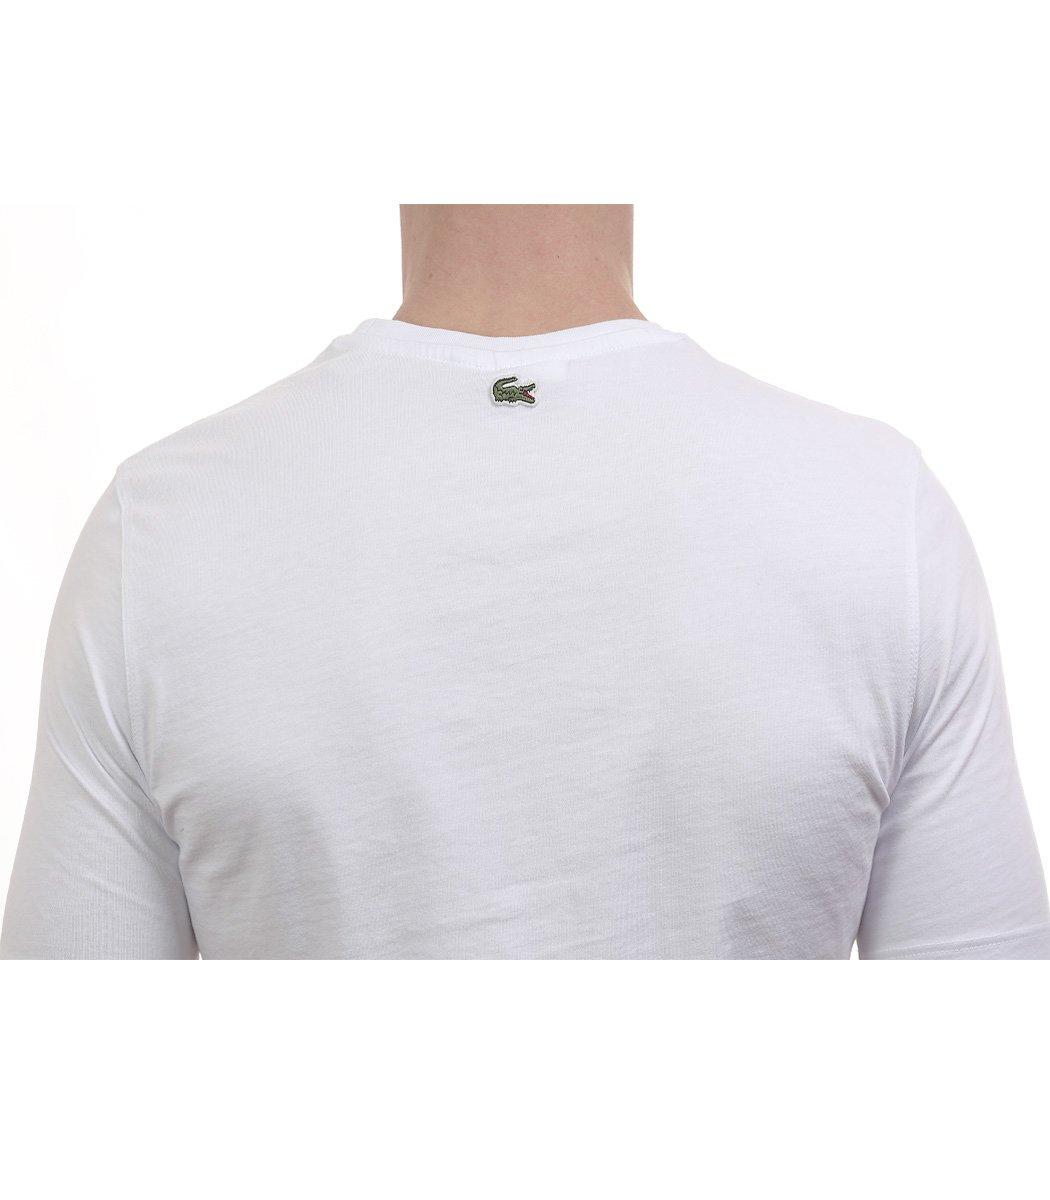 Белая футболка с принтом Lacoste